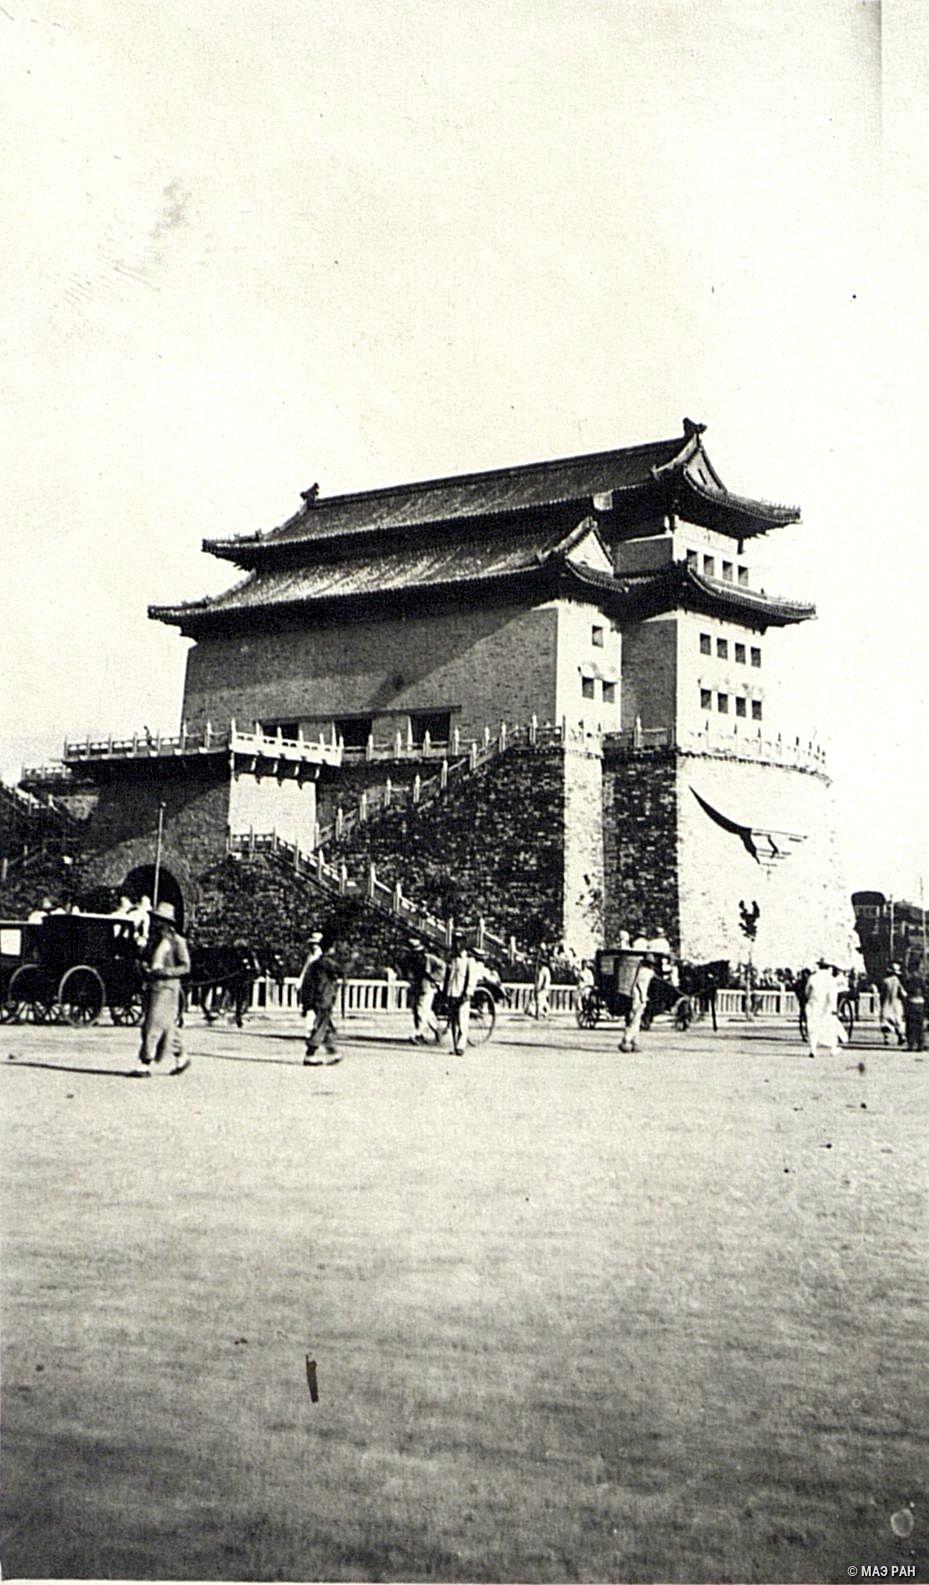 Ворота Цянь-мынь. Выход из манчжурского города